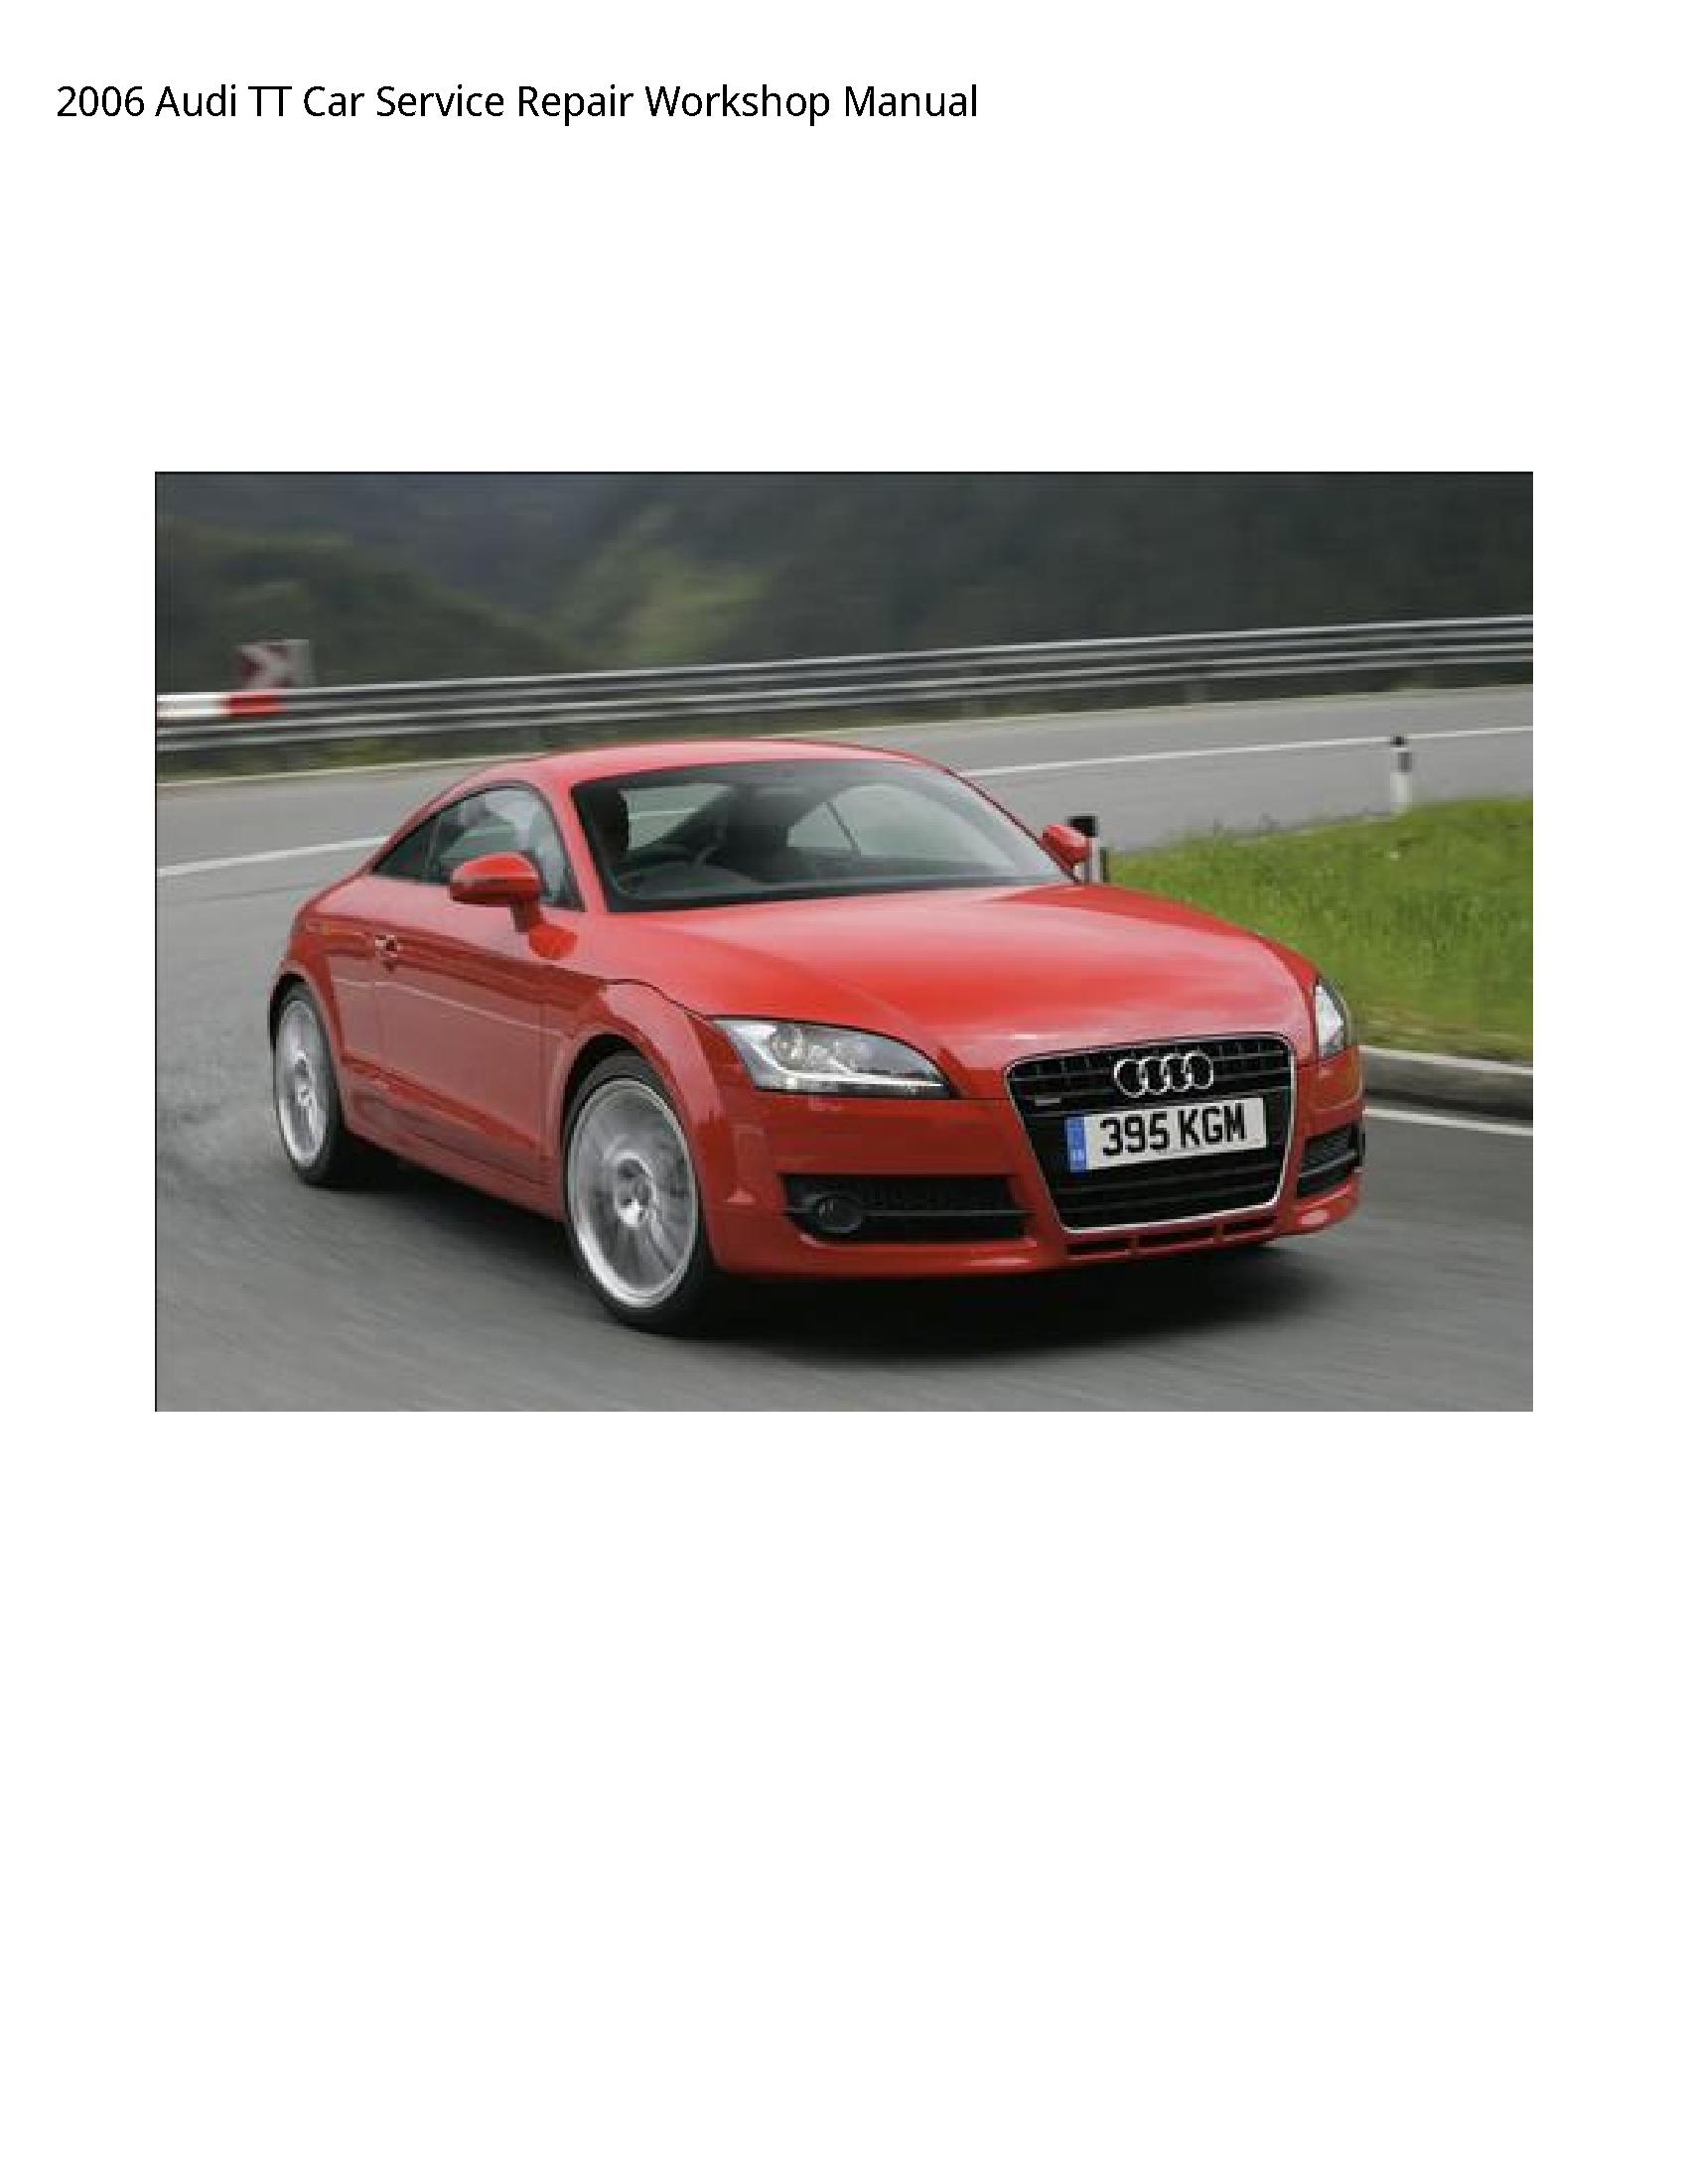 Audi TT Car manual